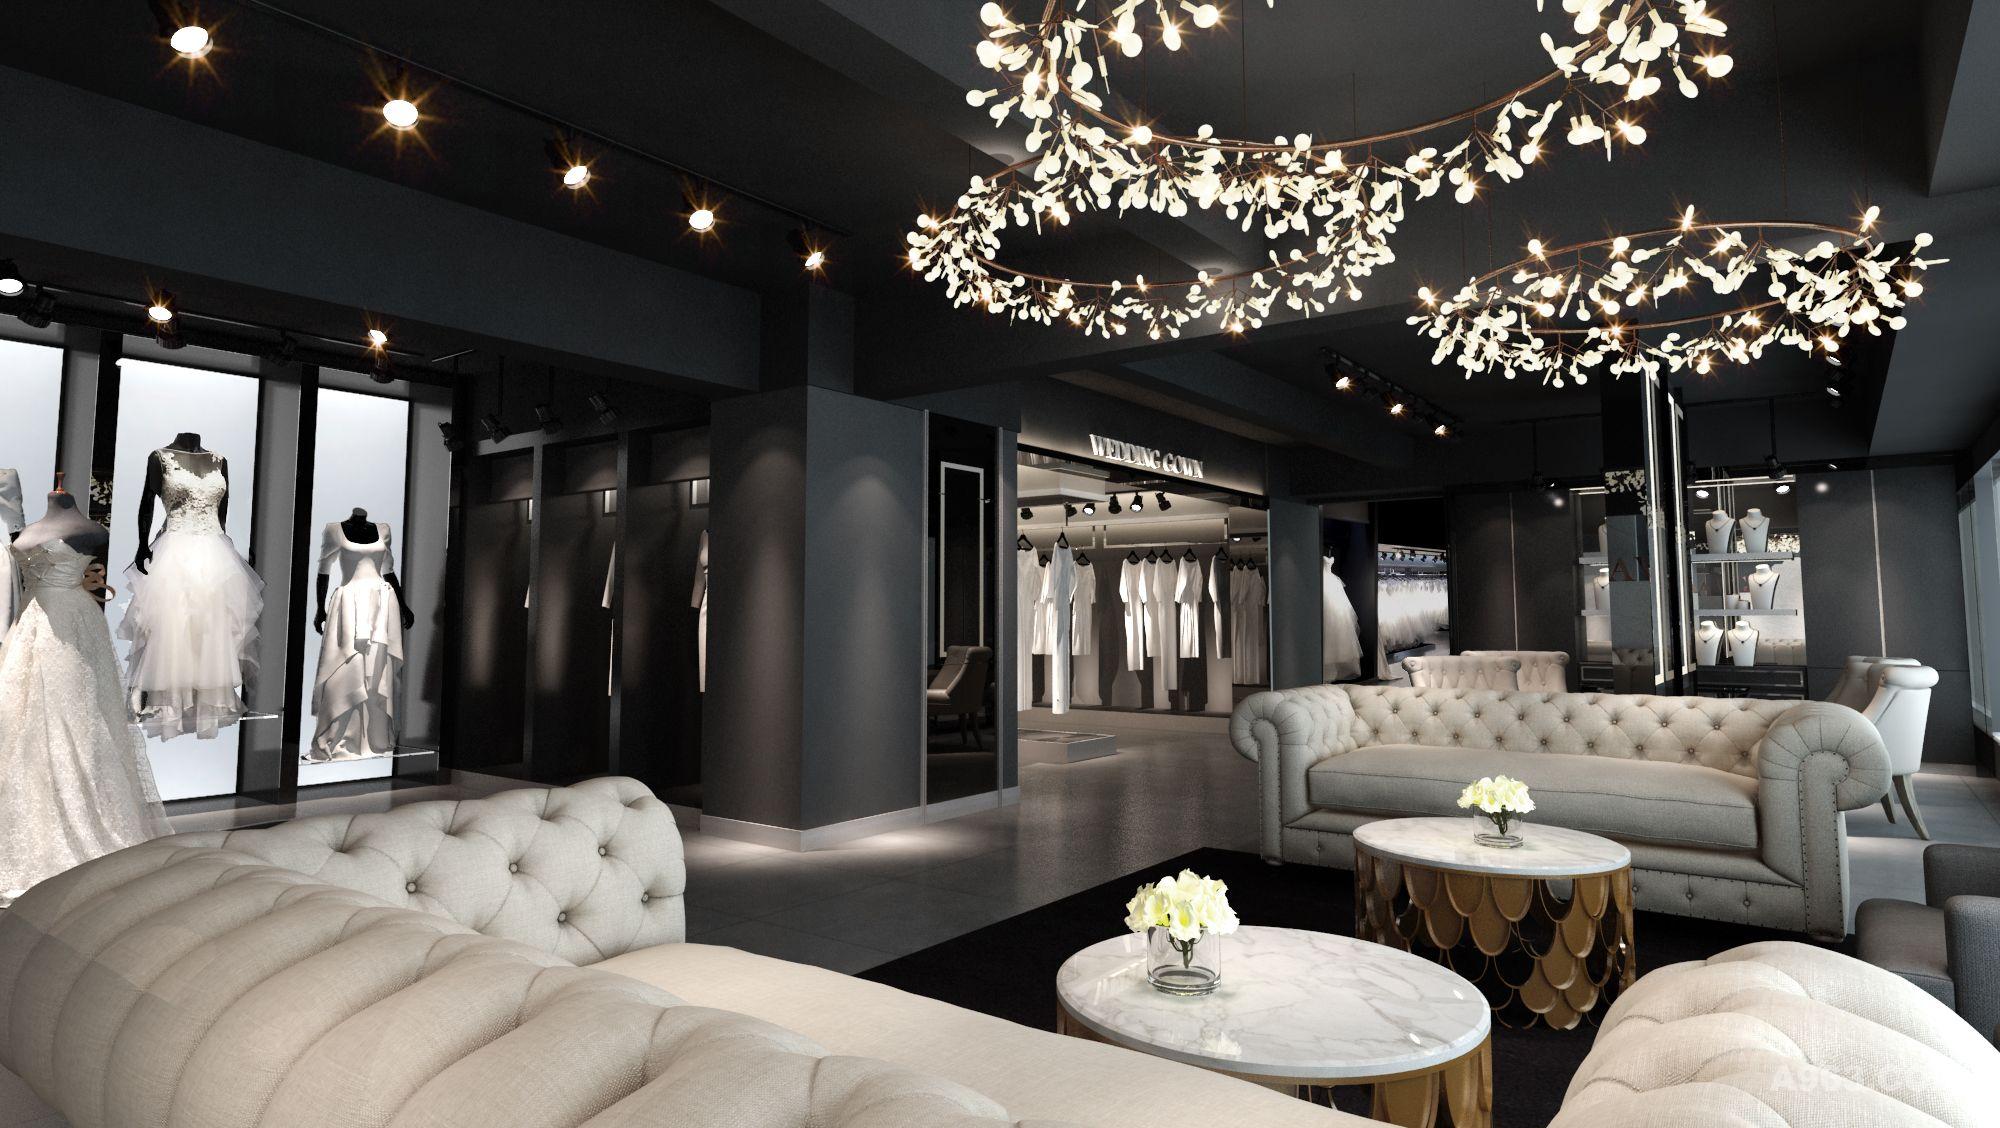 薇佳婚纱礼服馆 - 商业空间 - 第3页 - 林彬 设计作品